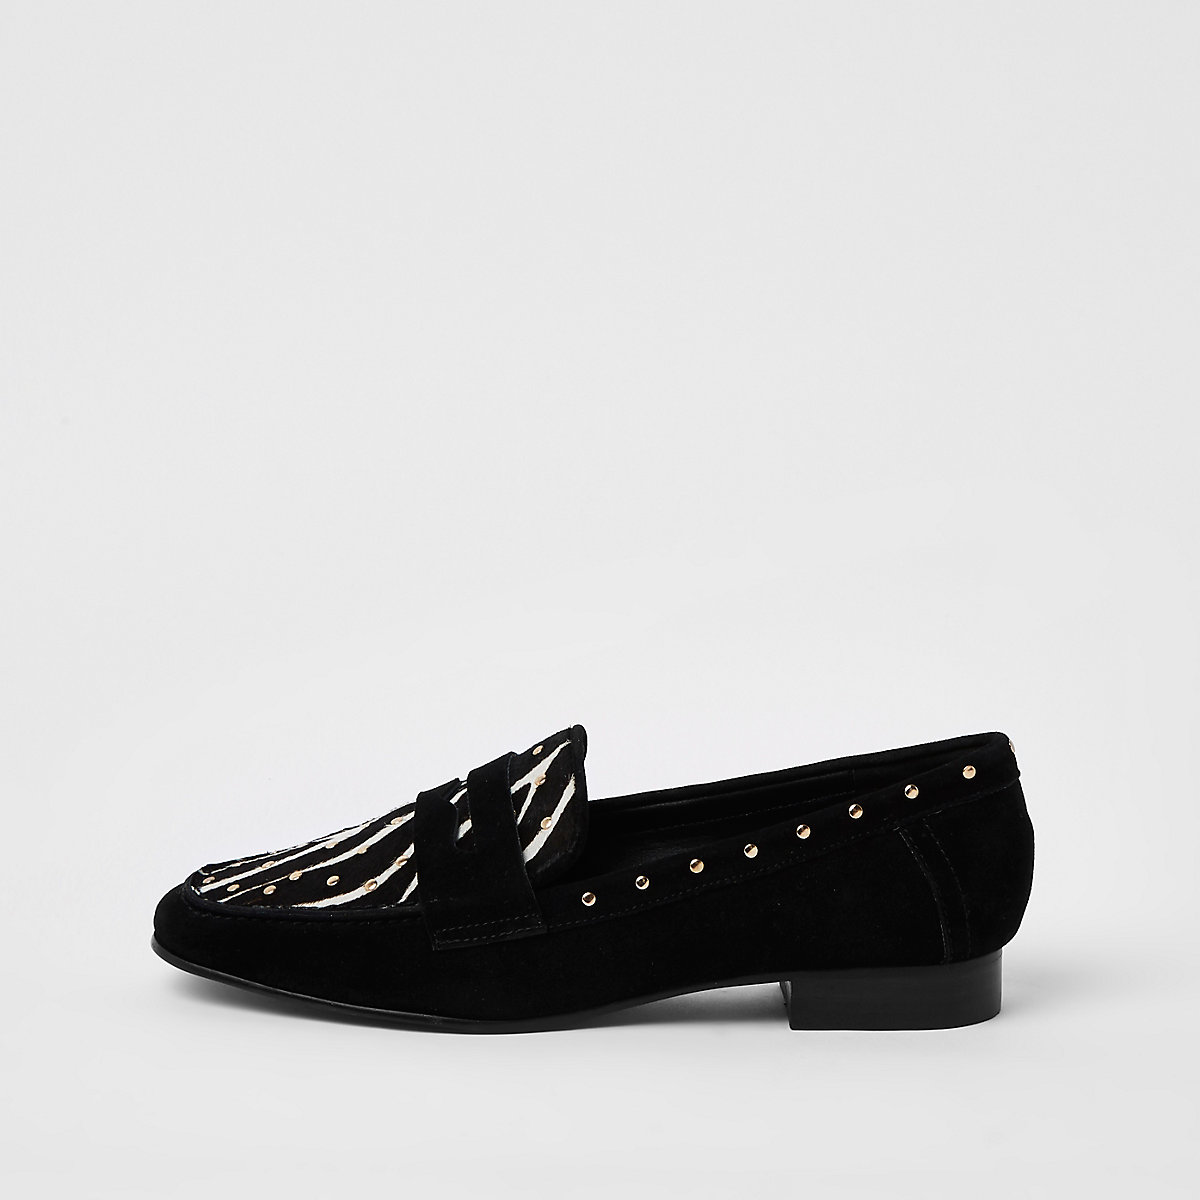 Black suede zebra print studded loafer